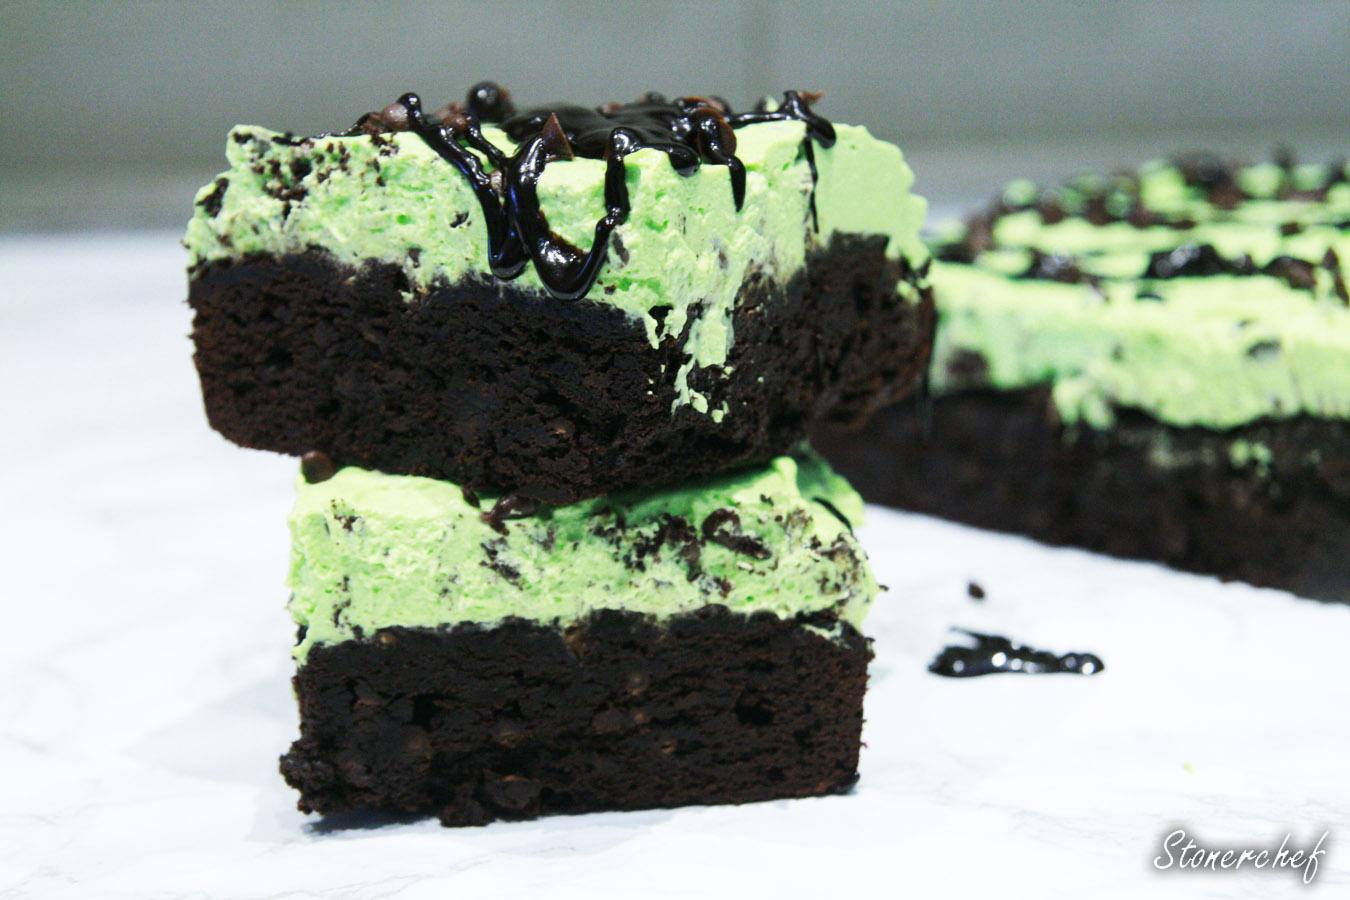 http://www.stonerchef.pl/wp-content/uploads/2017/04/sos-czekoladowy-splywajacy-po-brownie-z-mietowym-kremem.jpg